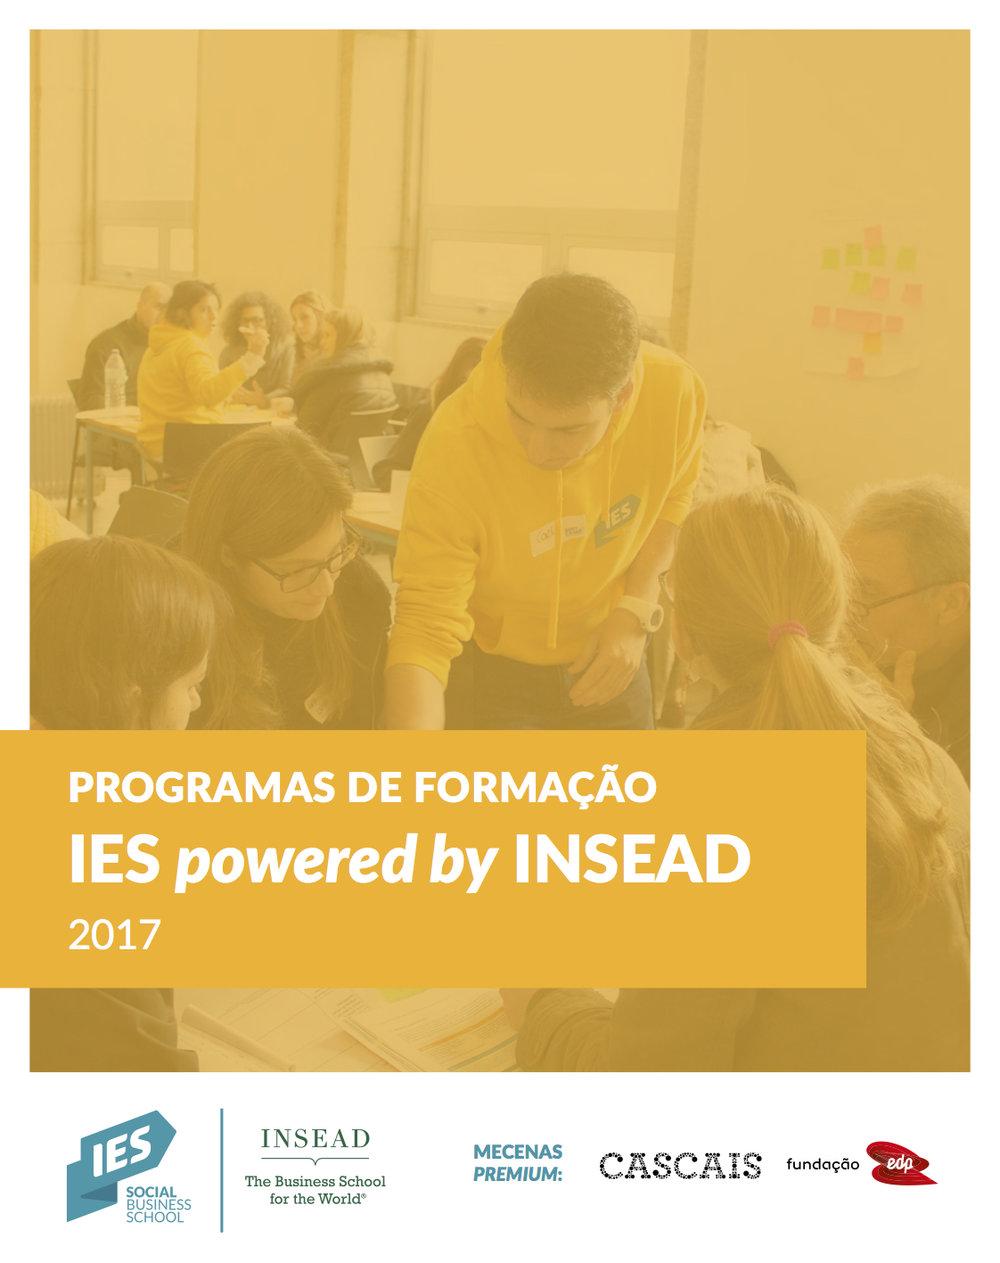 Apresentação da formação IES powered by INSEAD para 2017